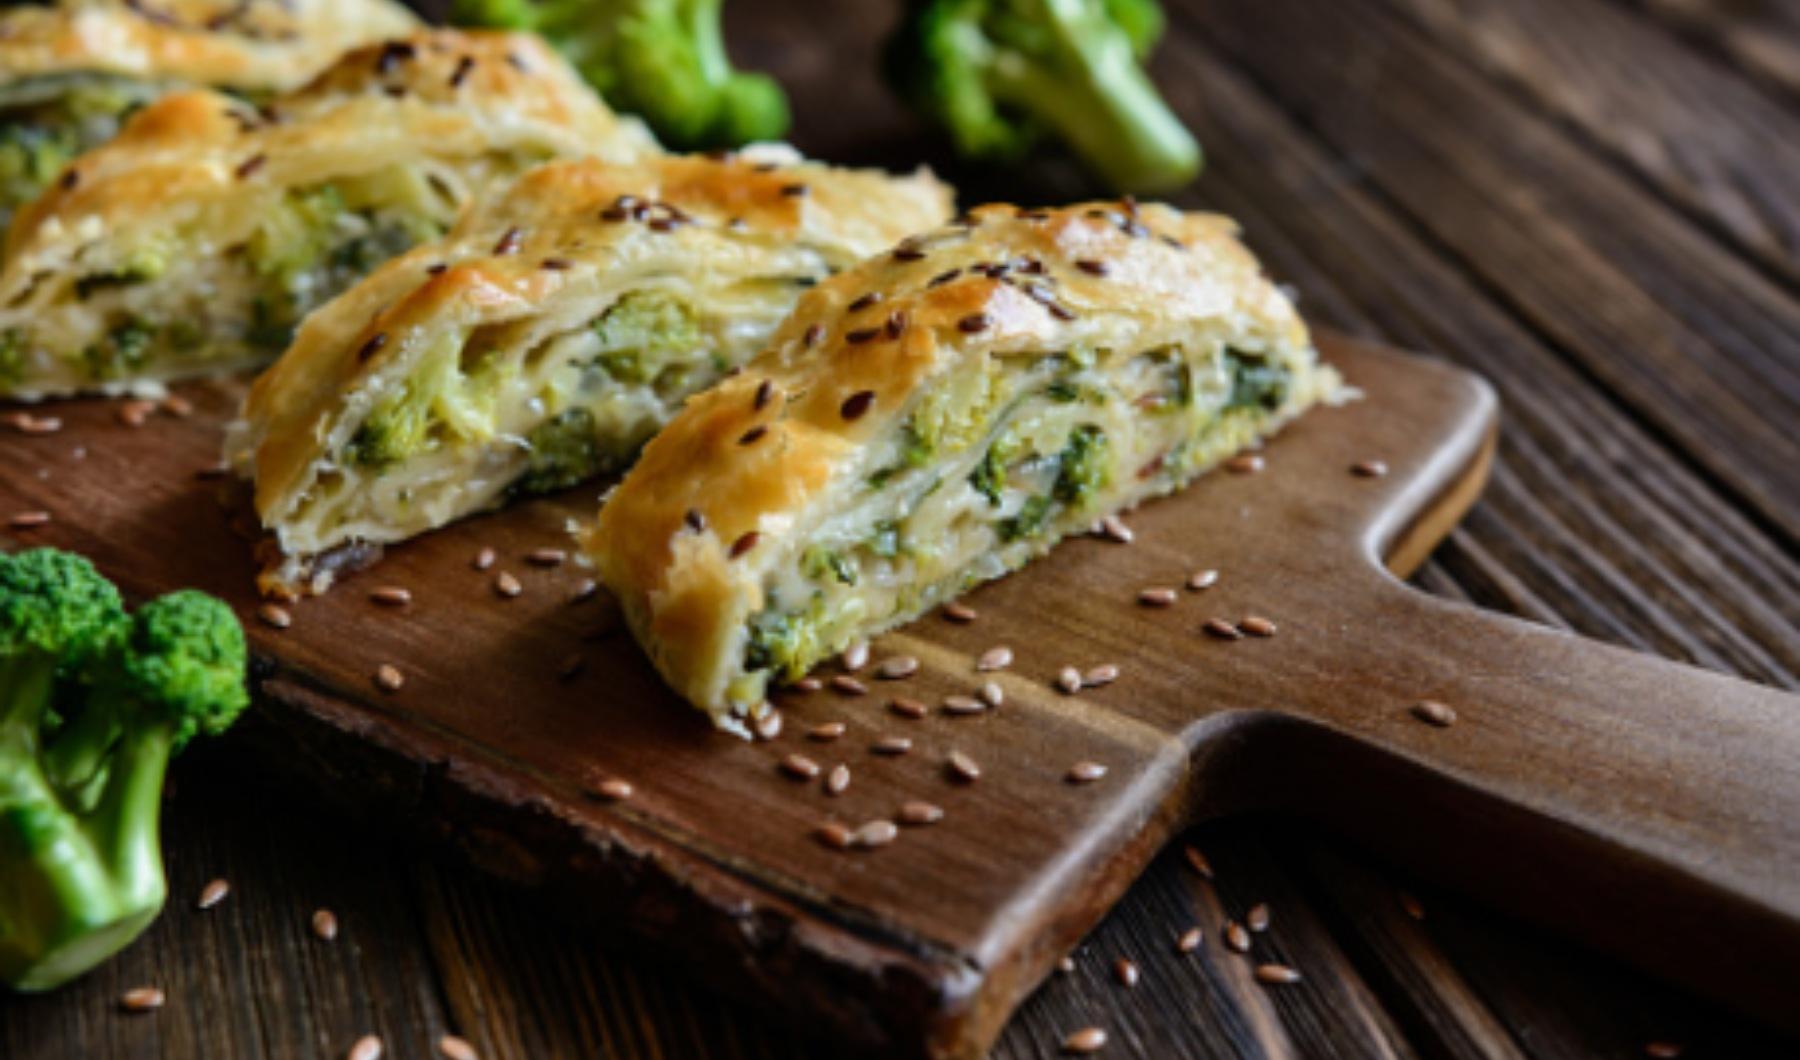 Pastel de brócoli con queso al microondas, receta saludable lista en 15 minutos